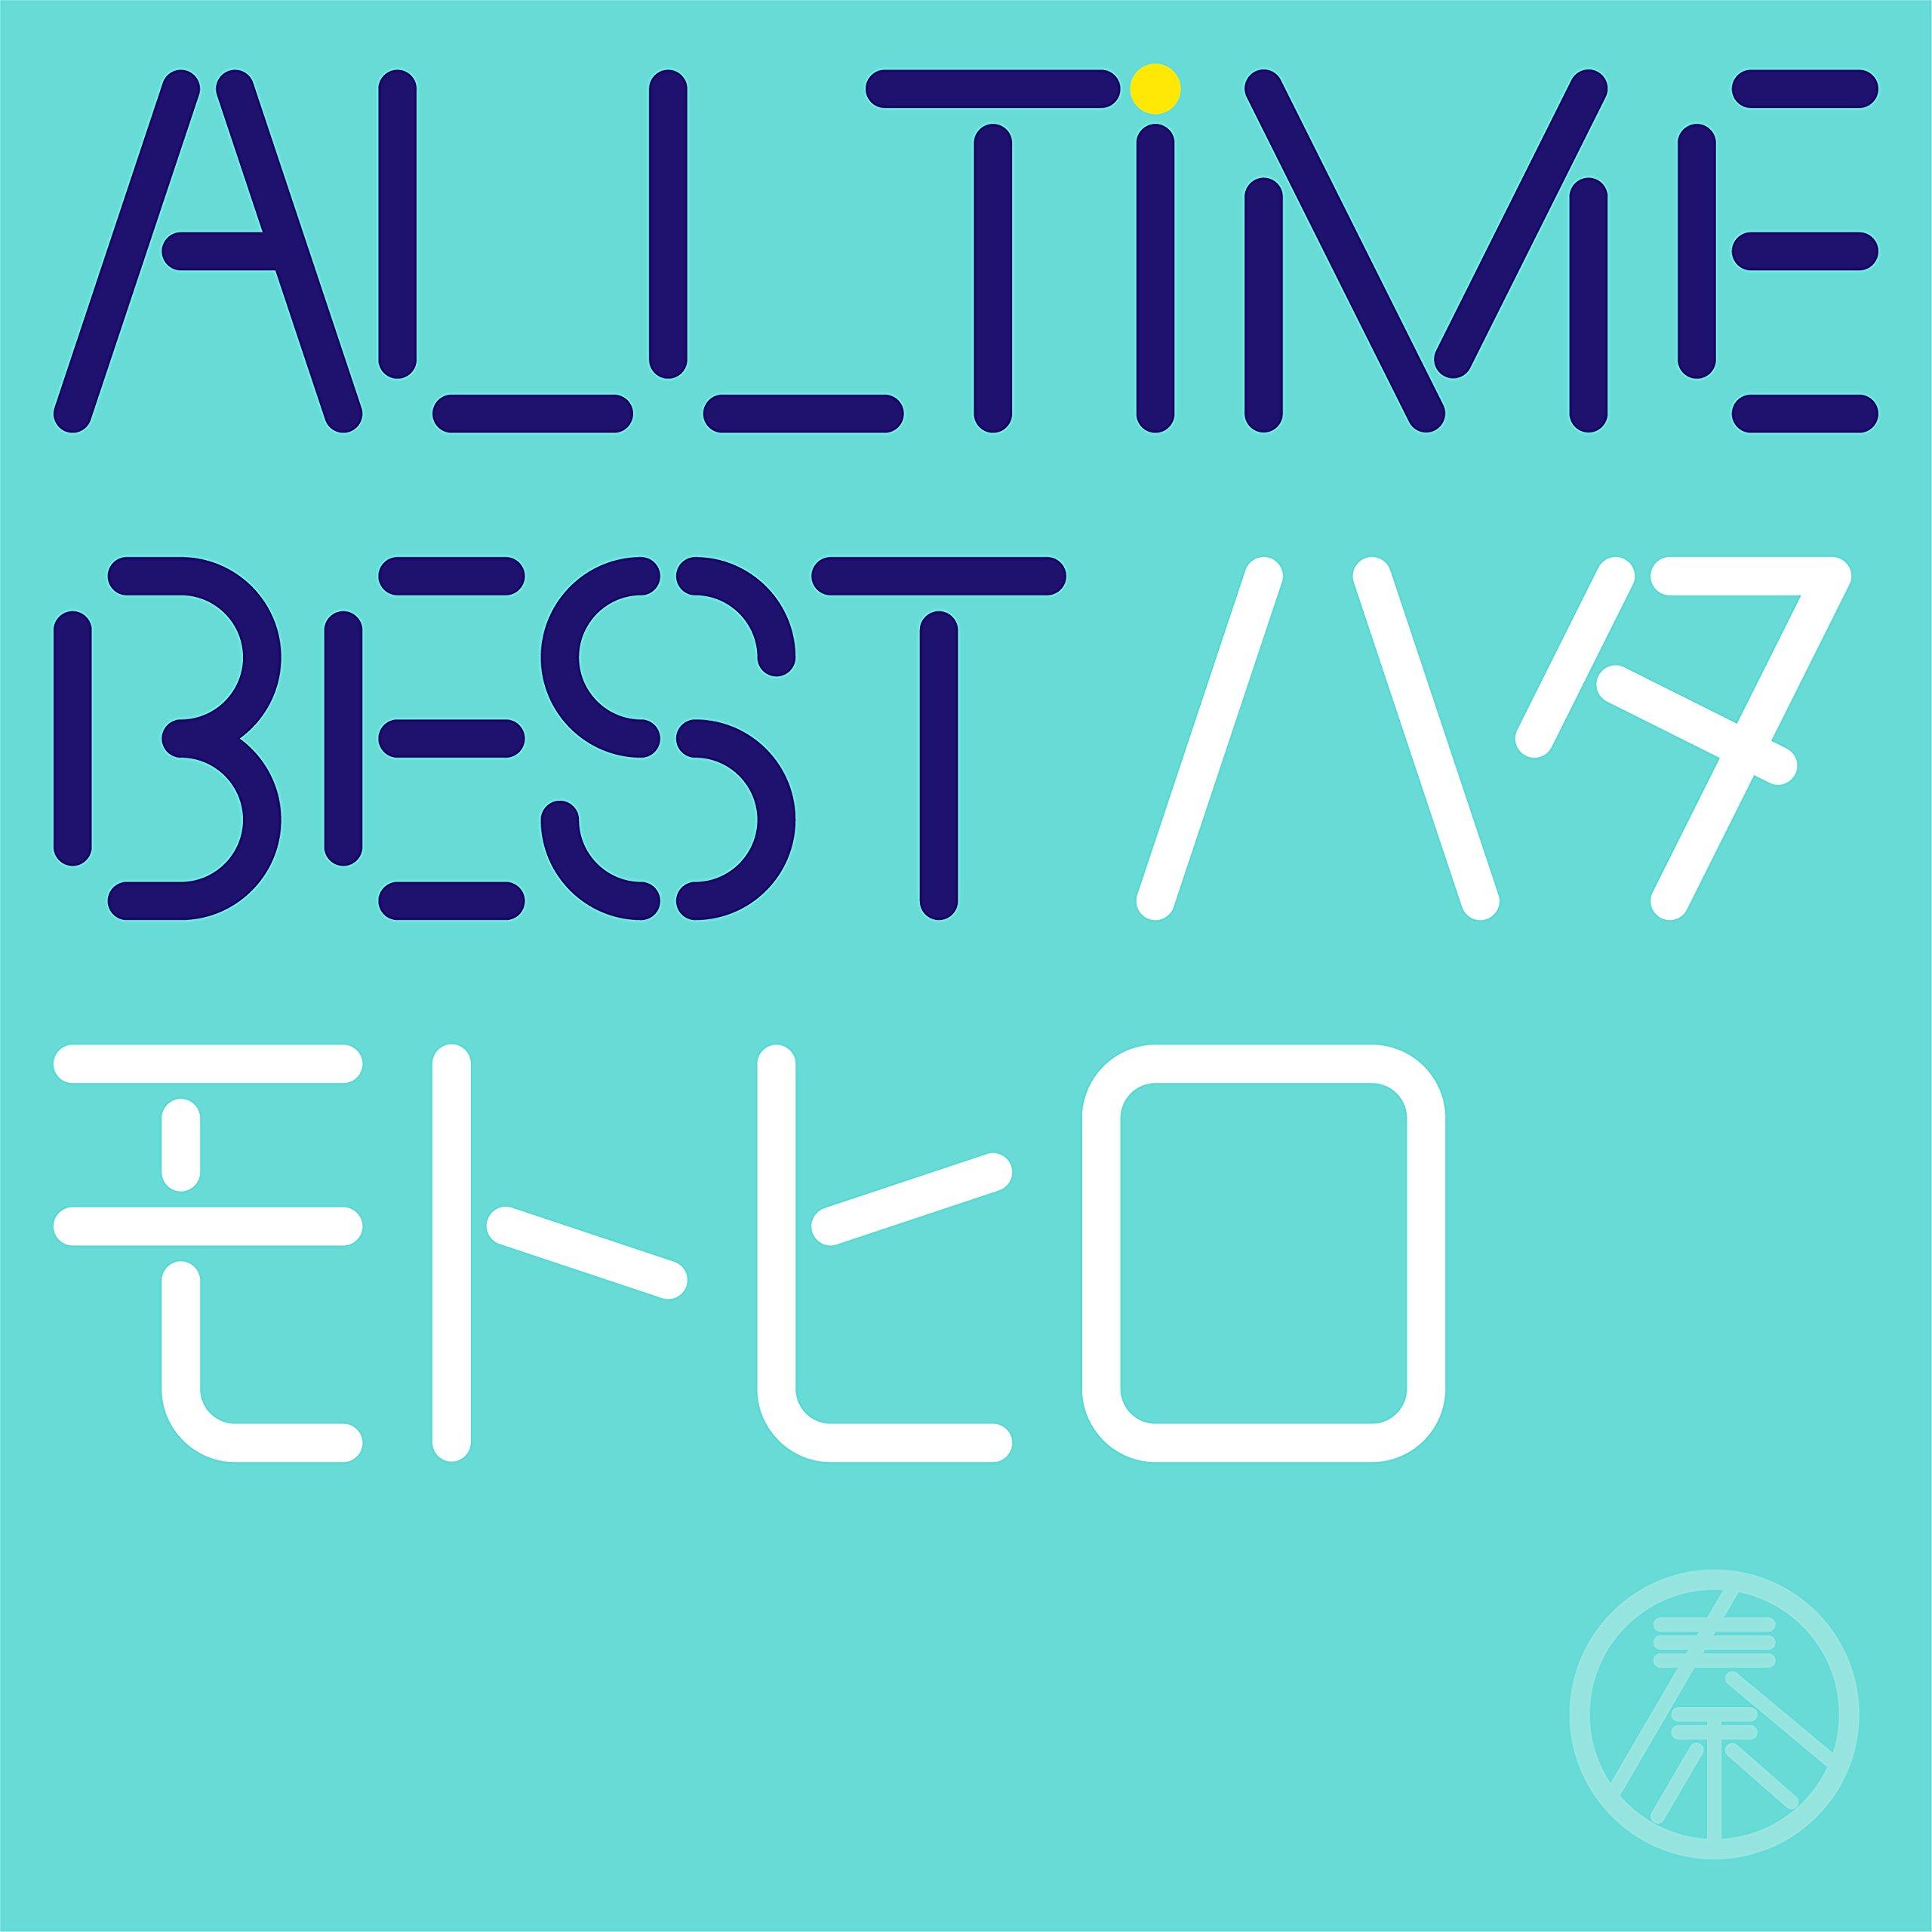 秦基博 (Motohiro Hata) – All Time Best ハタモトヒロ (はじめまして盤) [Mora FLAC 24bit/48kHz]